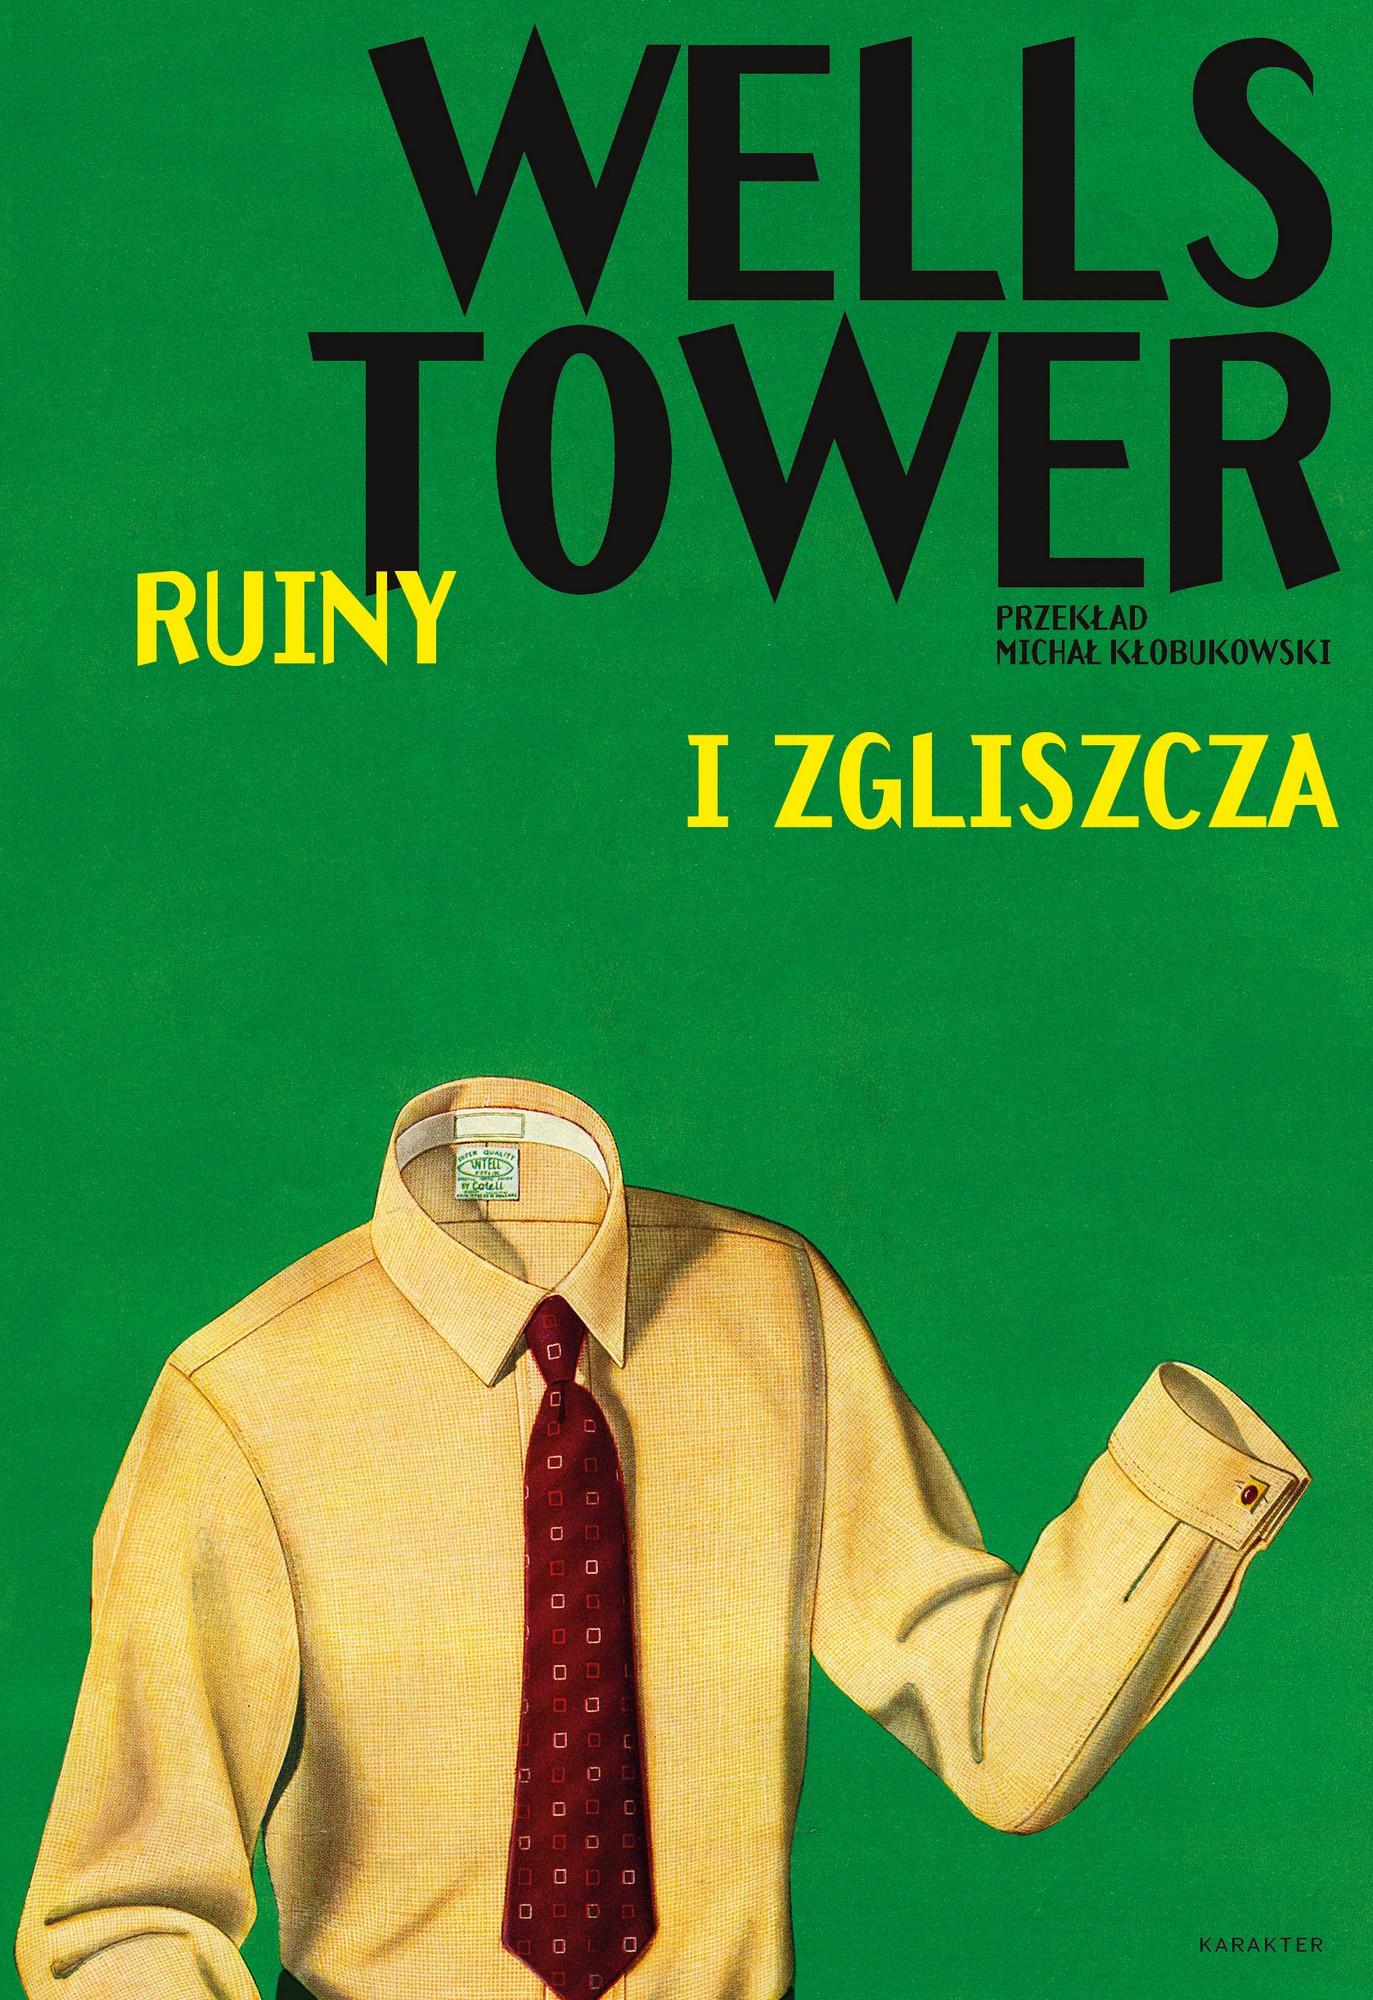 """Wells Tower,""""Ruiny i zgliszcza"""" – okładka (źródło: materiały prasowe wydawcy)"""